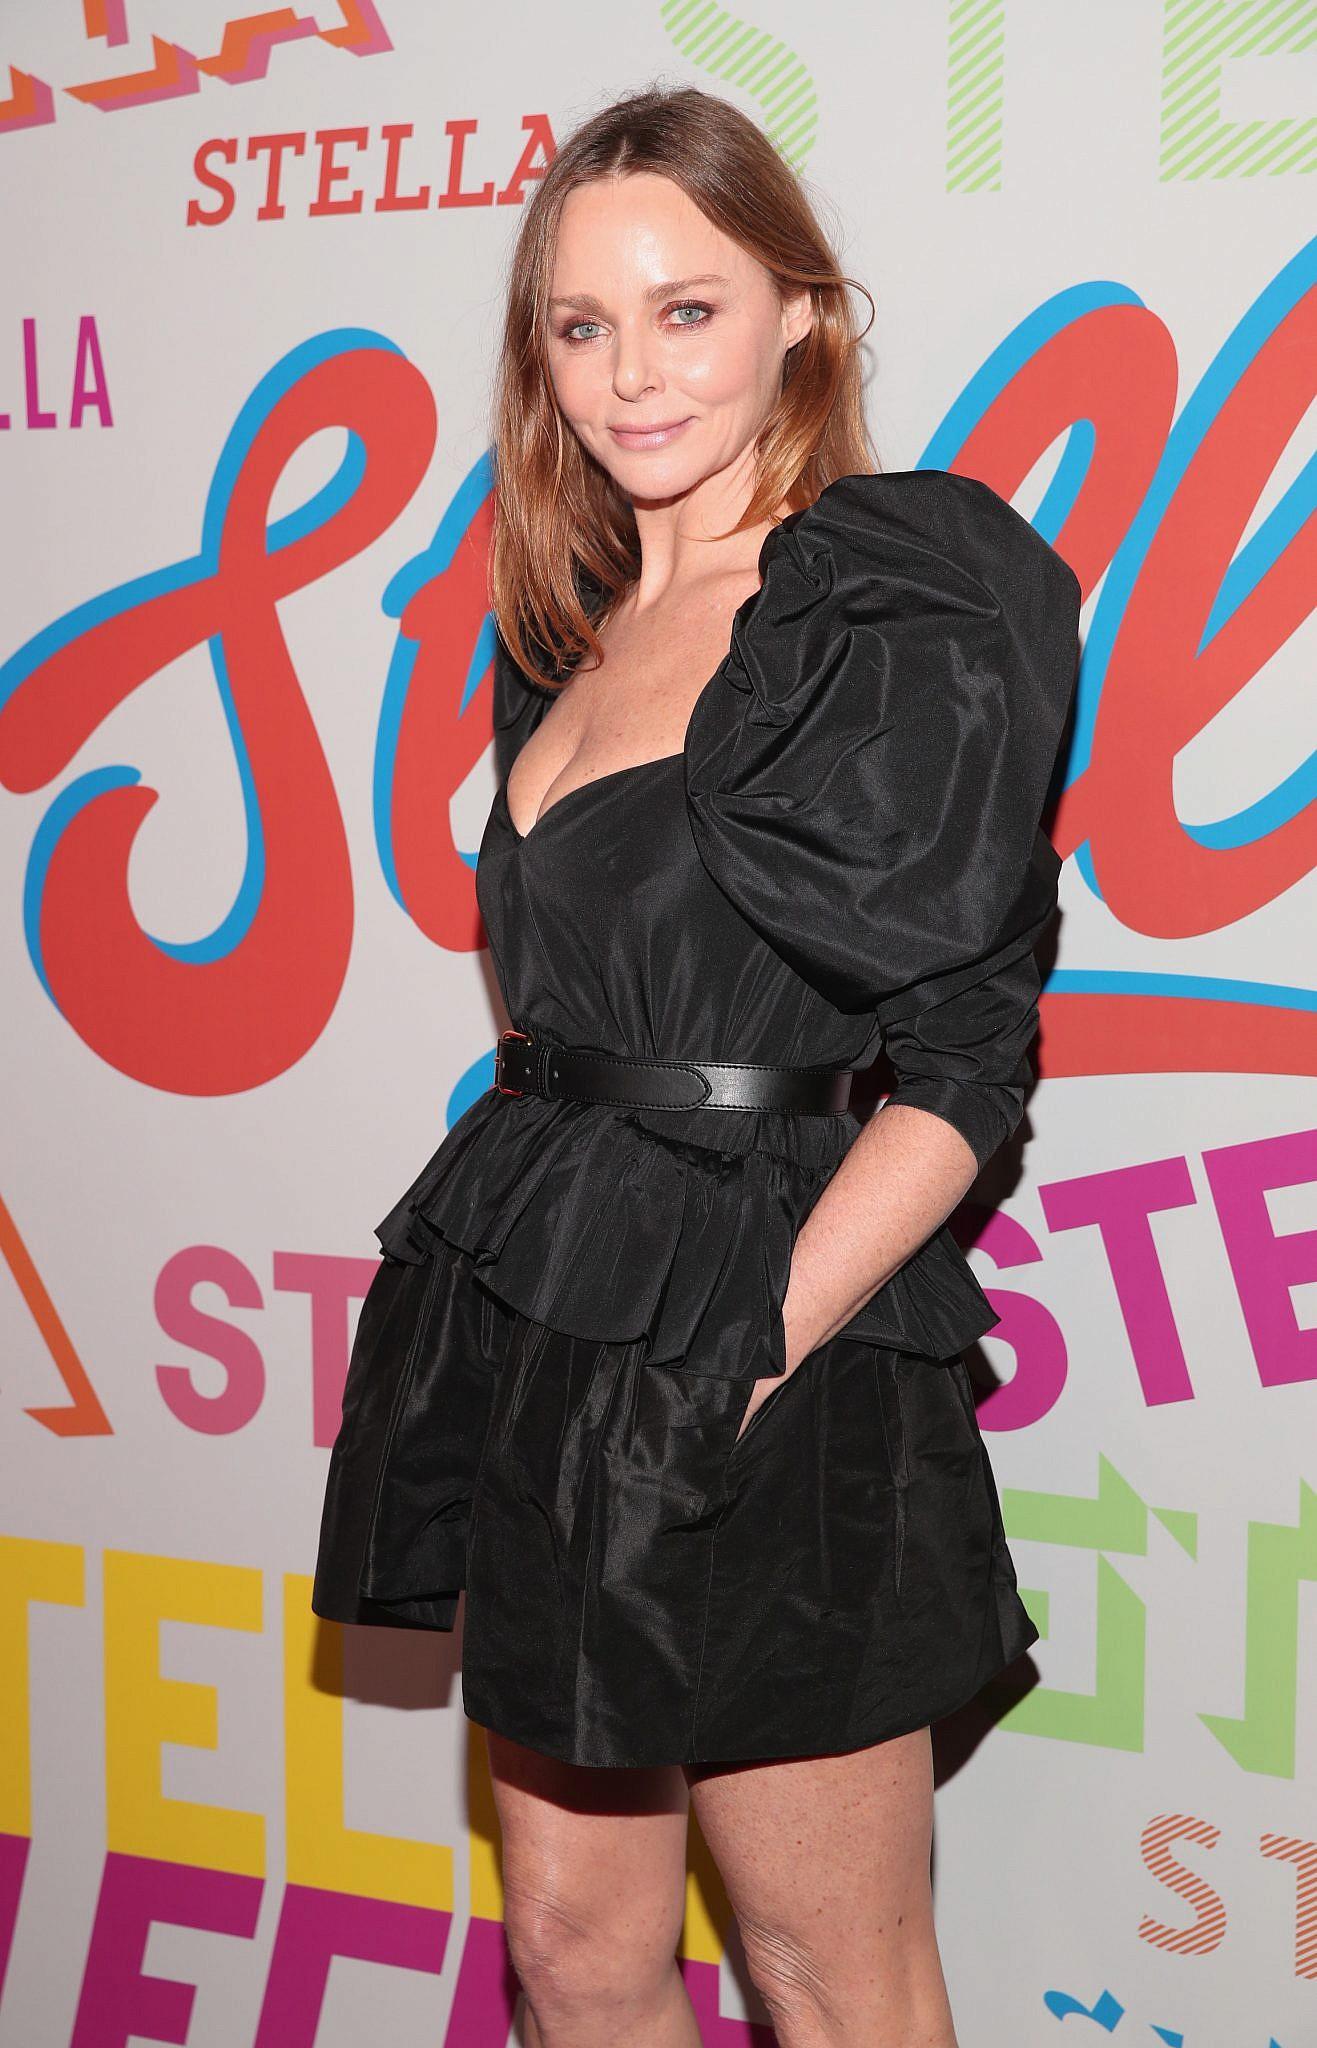 הגברת הטבעונית הראשונה של עולם האופנה: המעצבת סטלה מקרטני | צילום: Christopher Polk/Getty Images